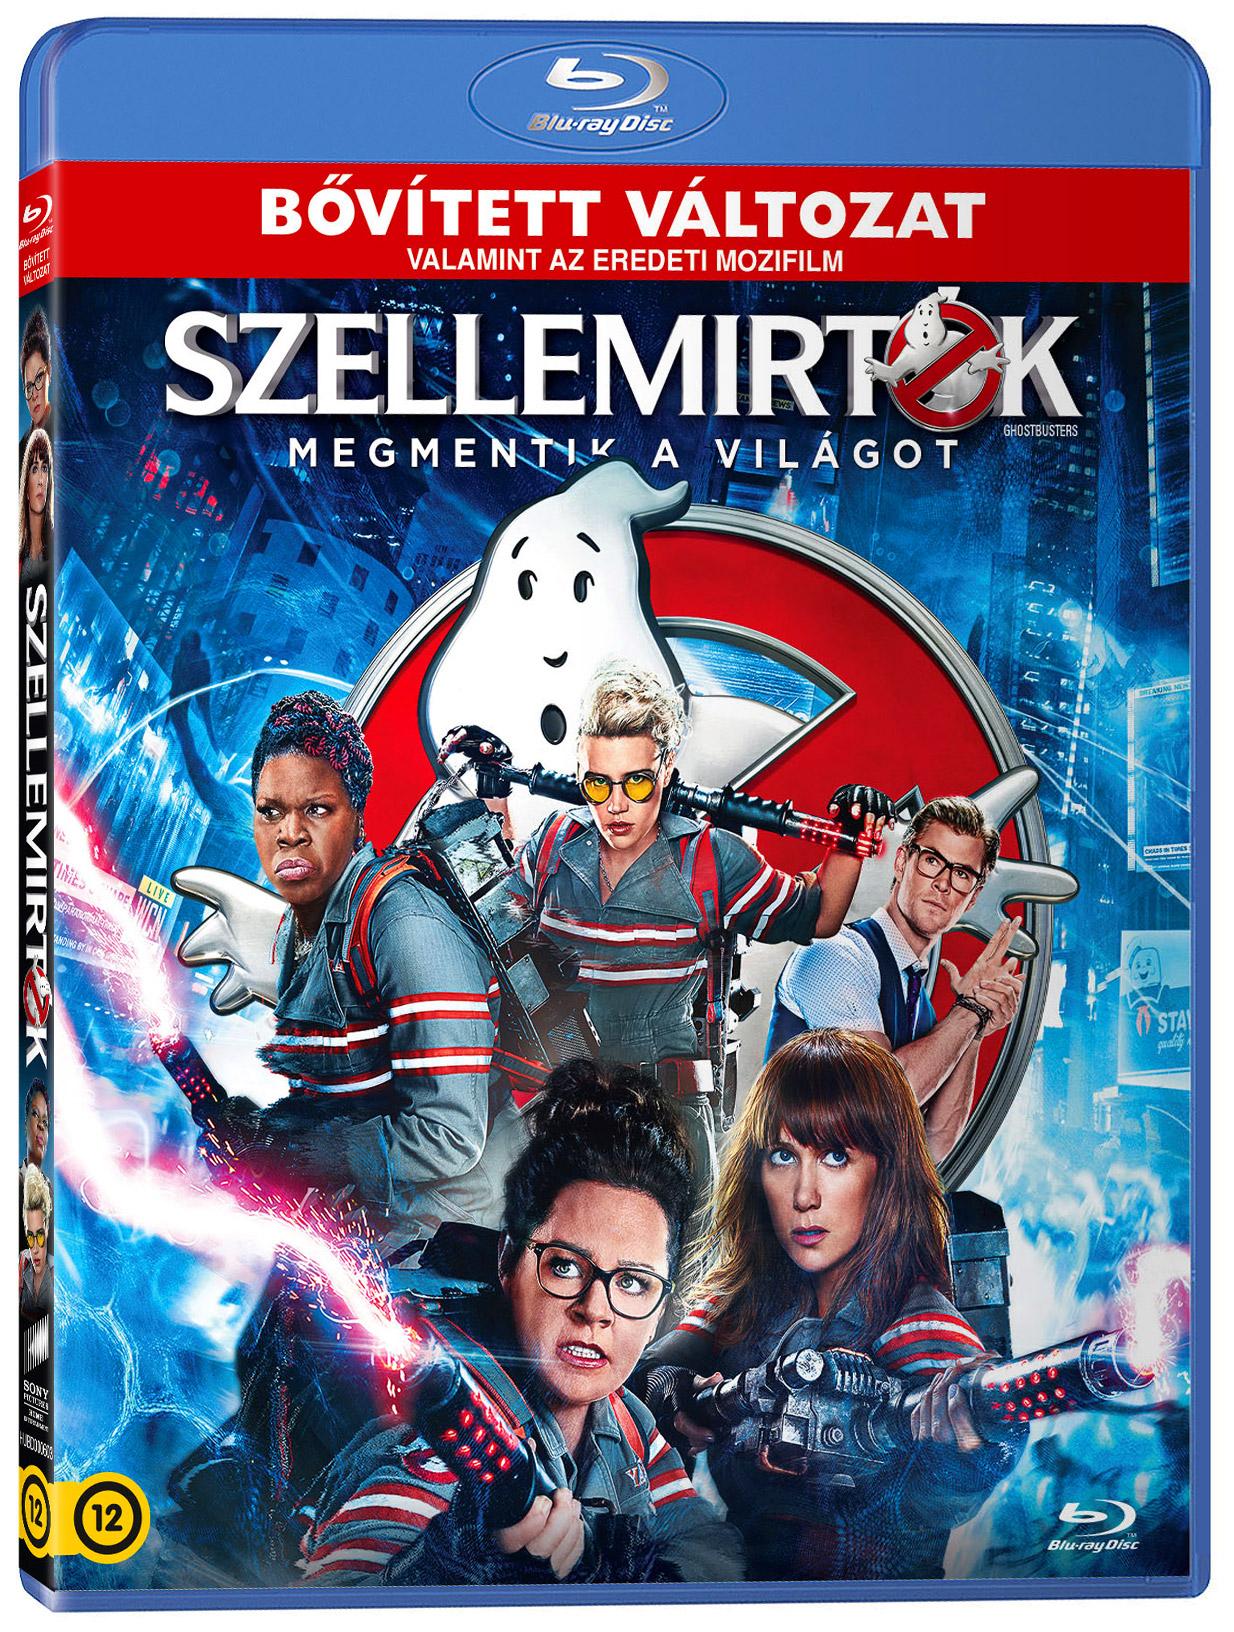 Szellemirtók - 2016 - Bővített változat Blu-ray